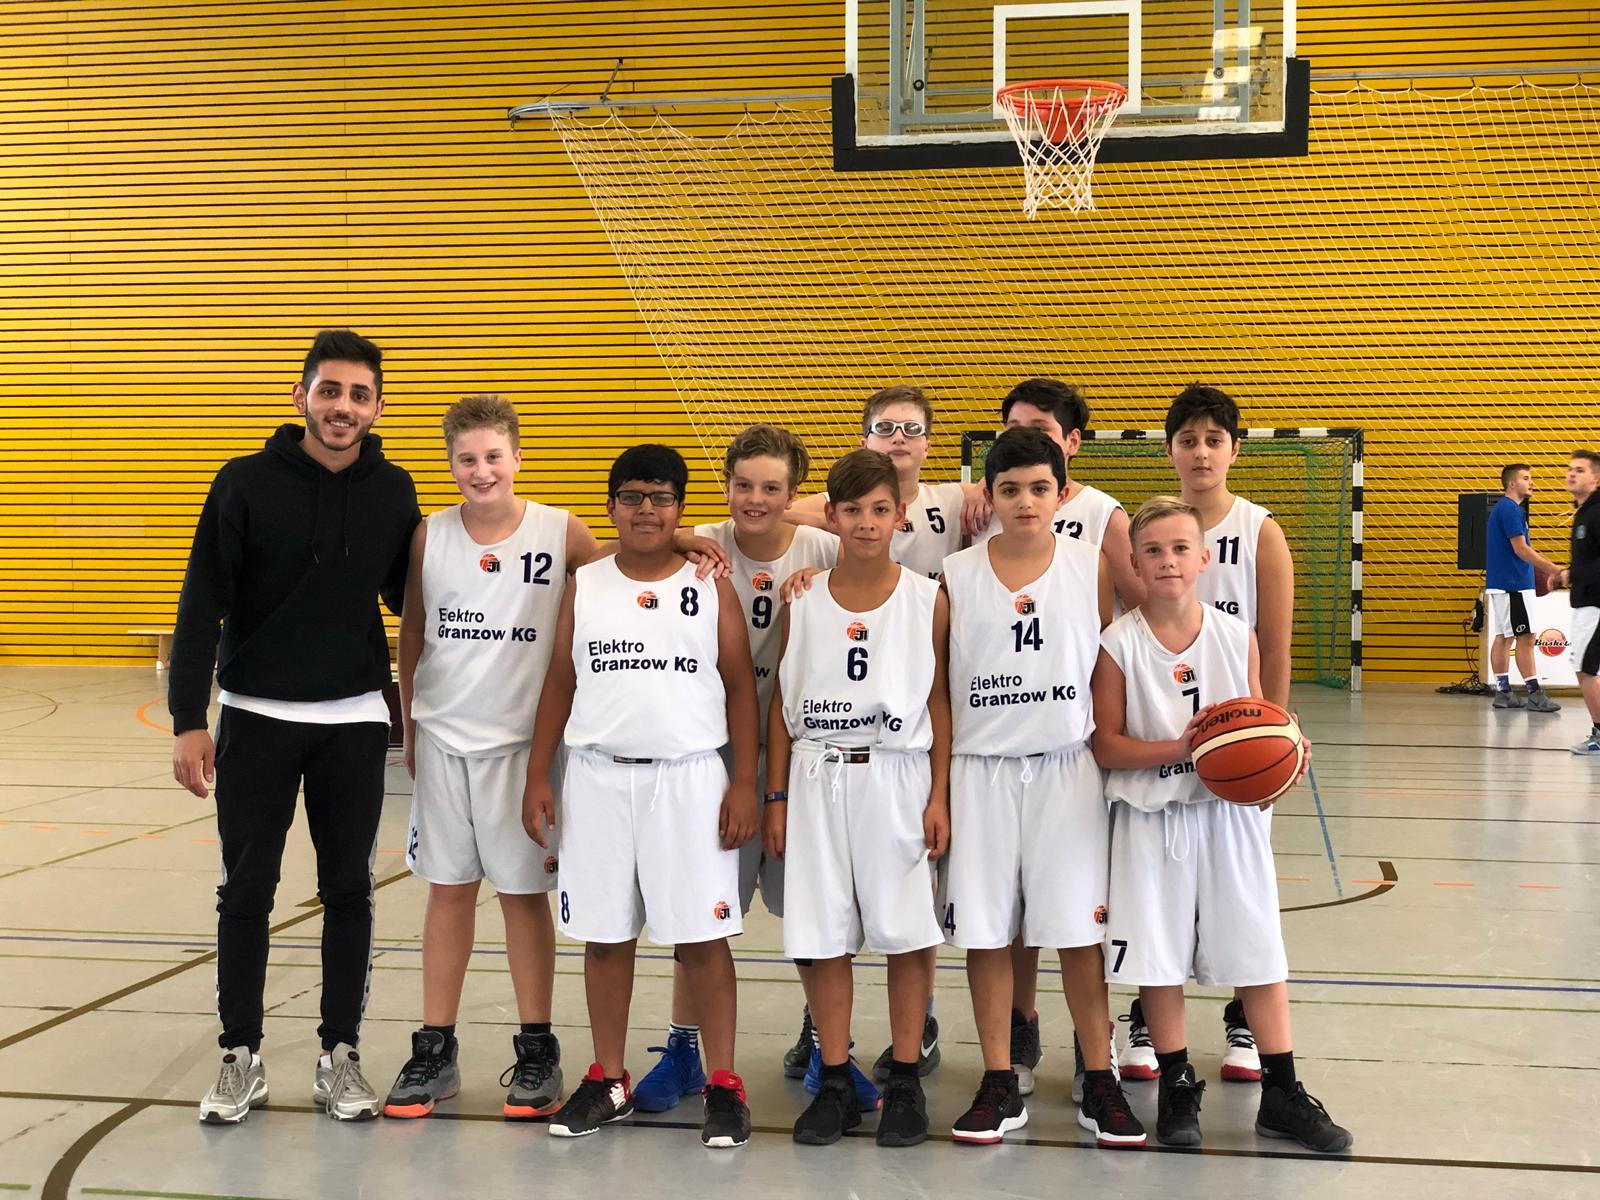 U14-Kreisliga: Starker Auftritt im ersten Spiel